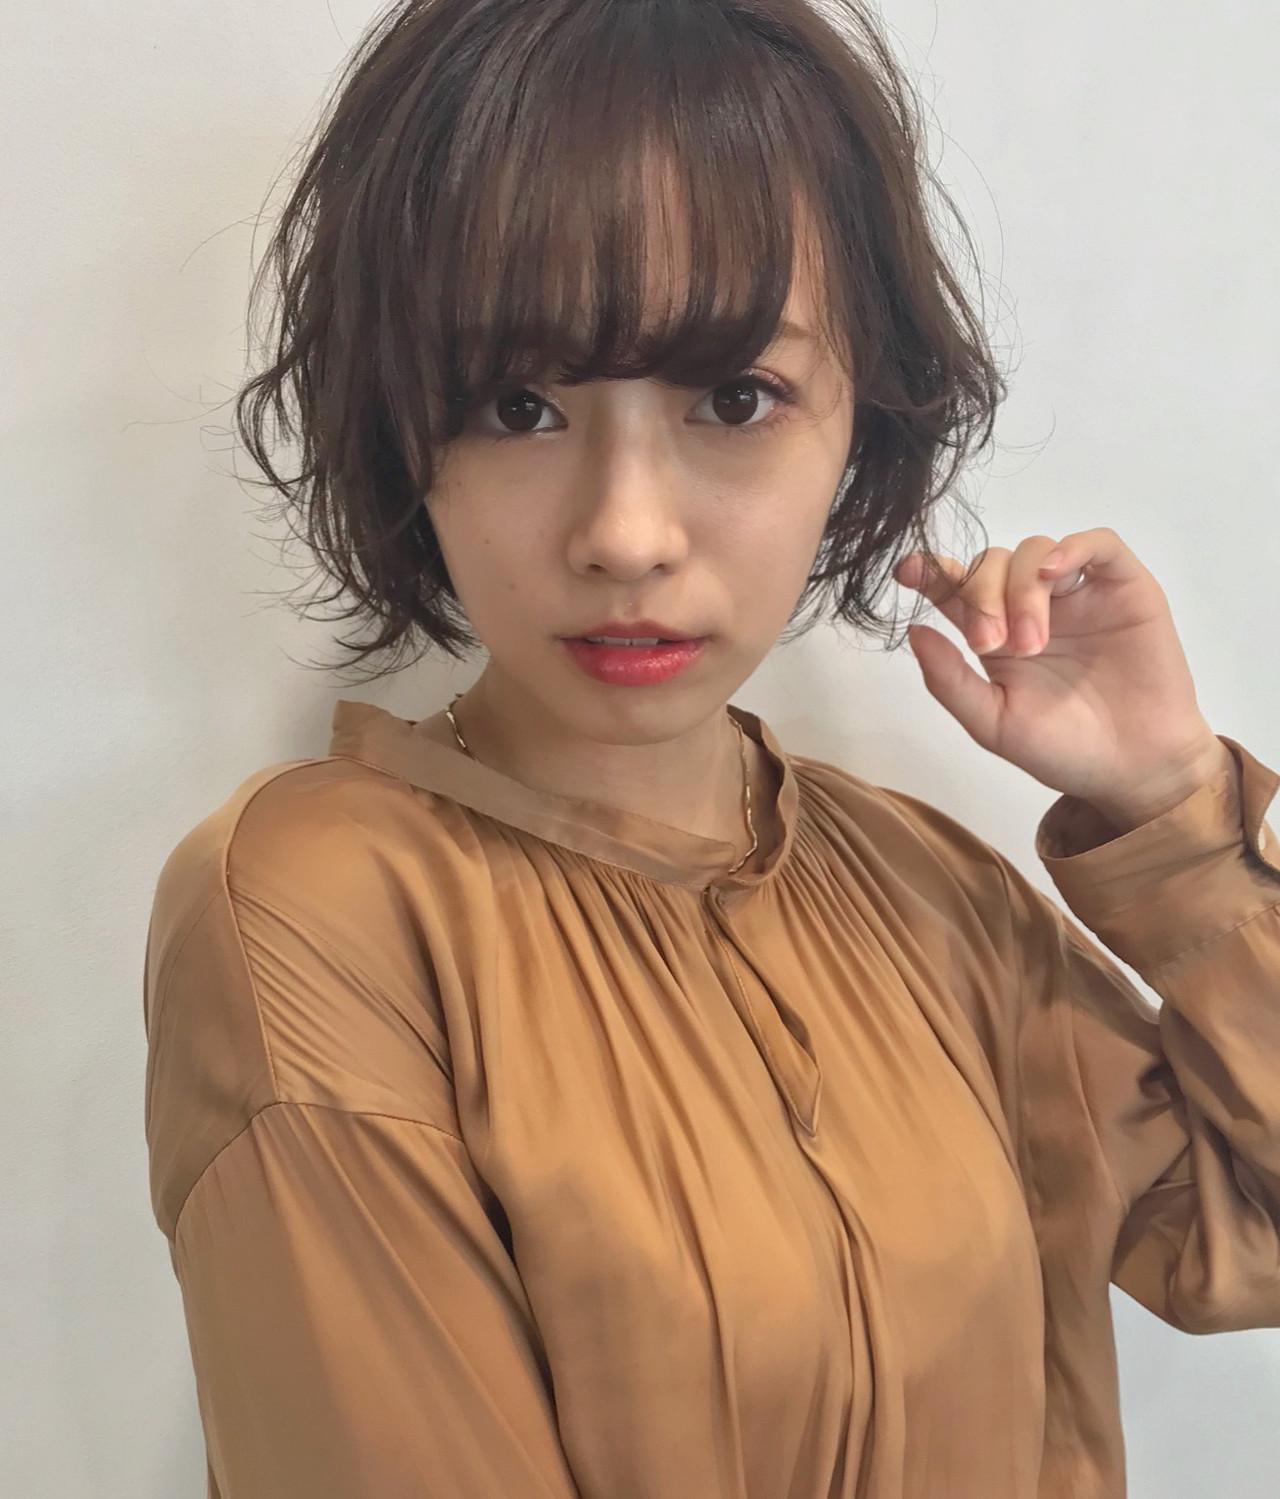 アンニュイ揺れがステキ♡色っぽショート GARDEN omotesando 中村英太